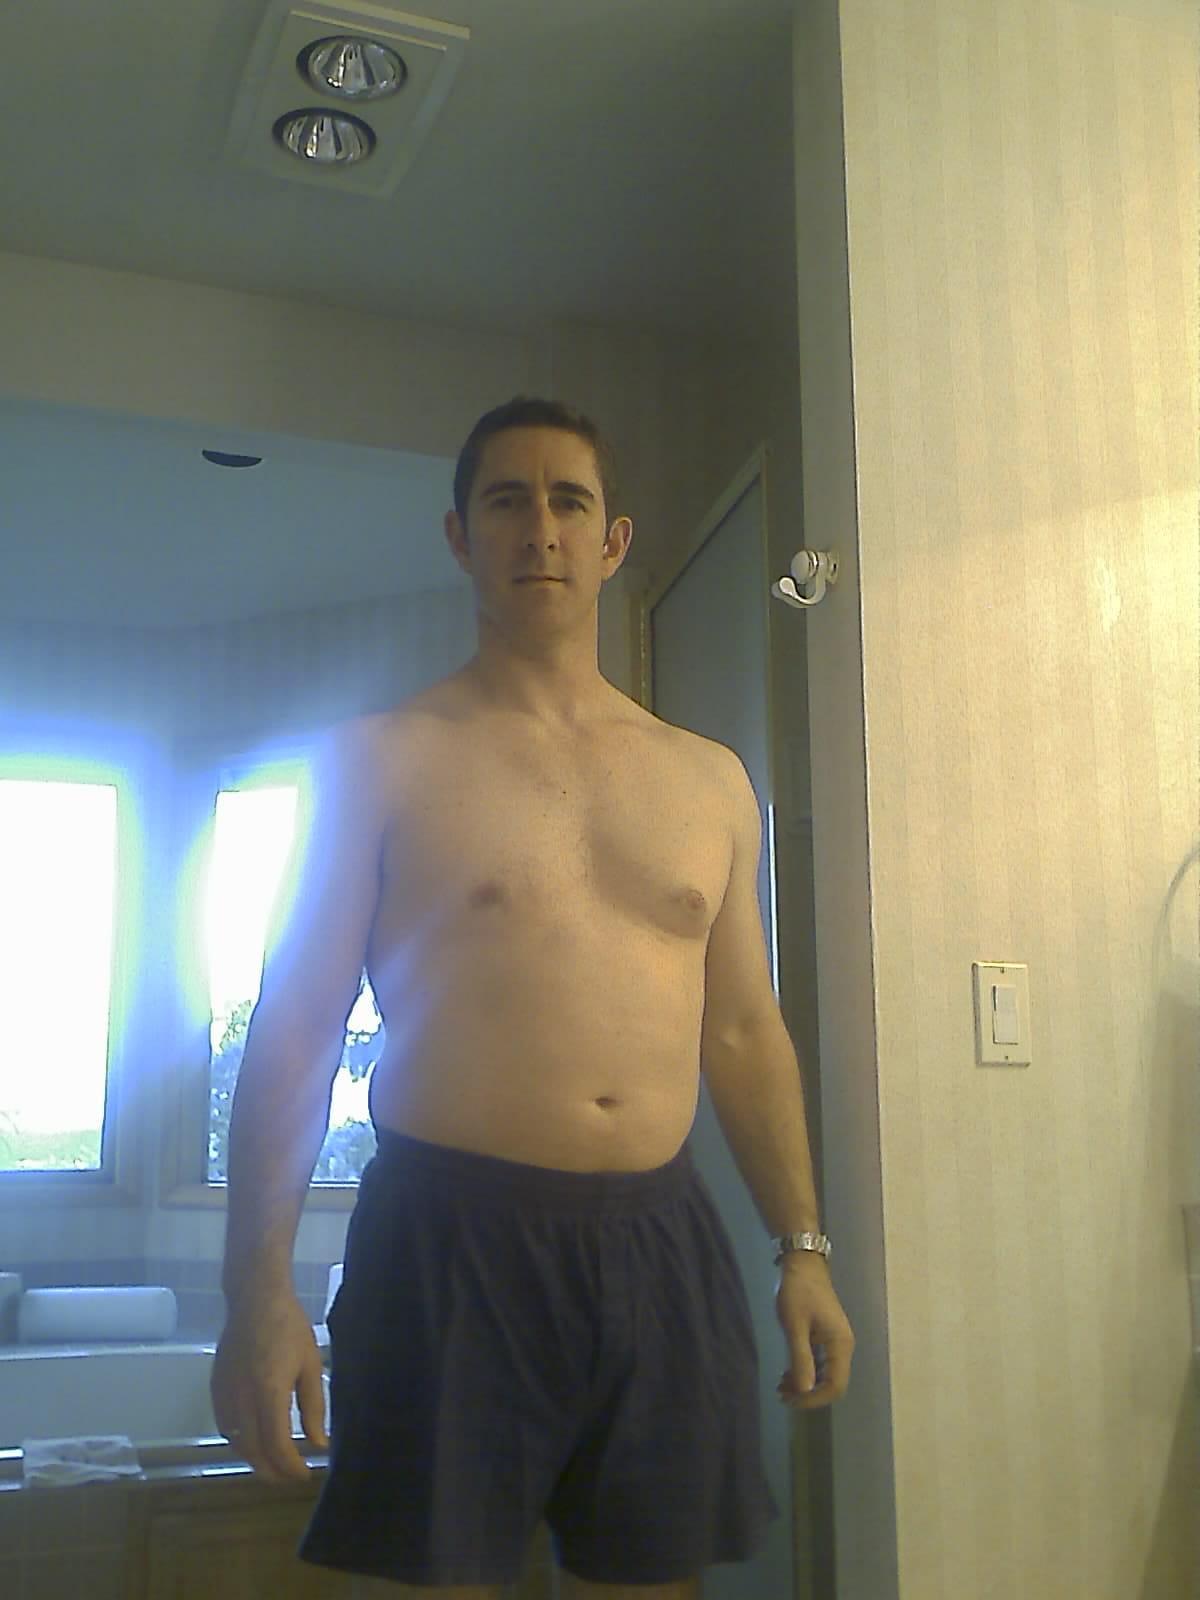 i corpi grassi imbarazzanti guardano online